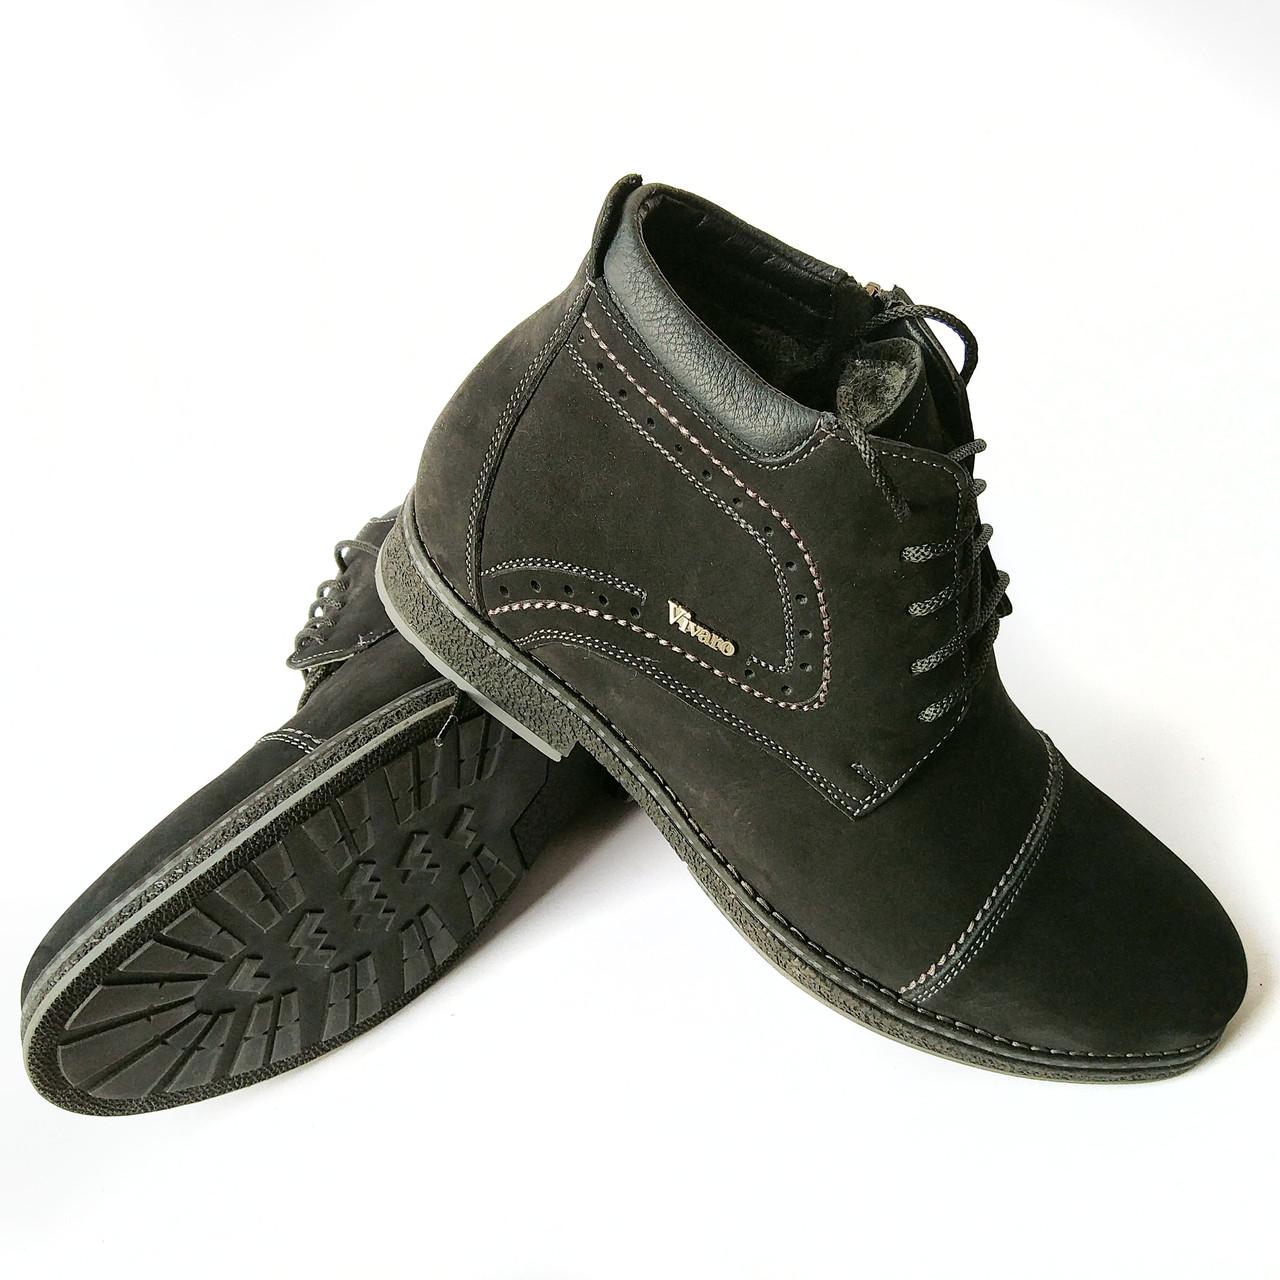 b4c8f0dbb Зимняя мужская обувь Харьков : замшевые темно синие ботинки, на шерсти,  фабрики Vivaro -